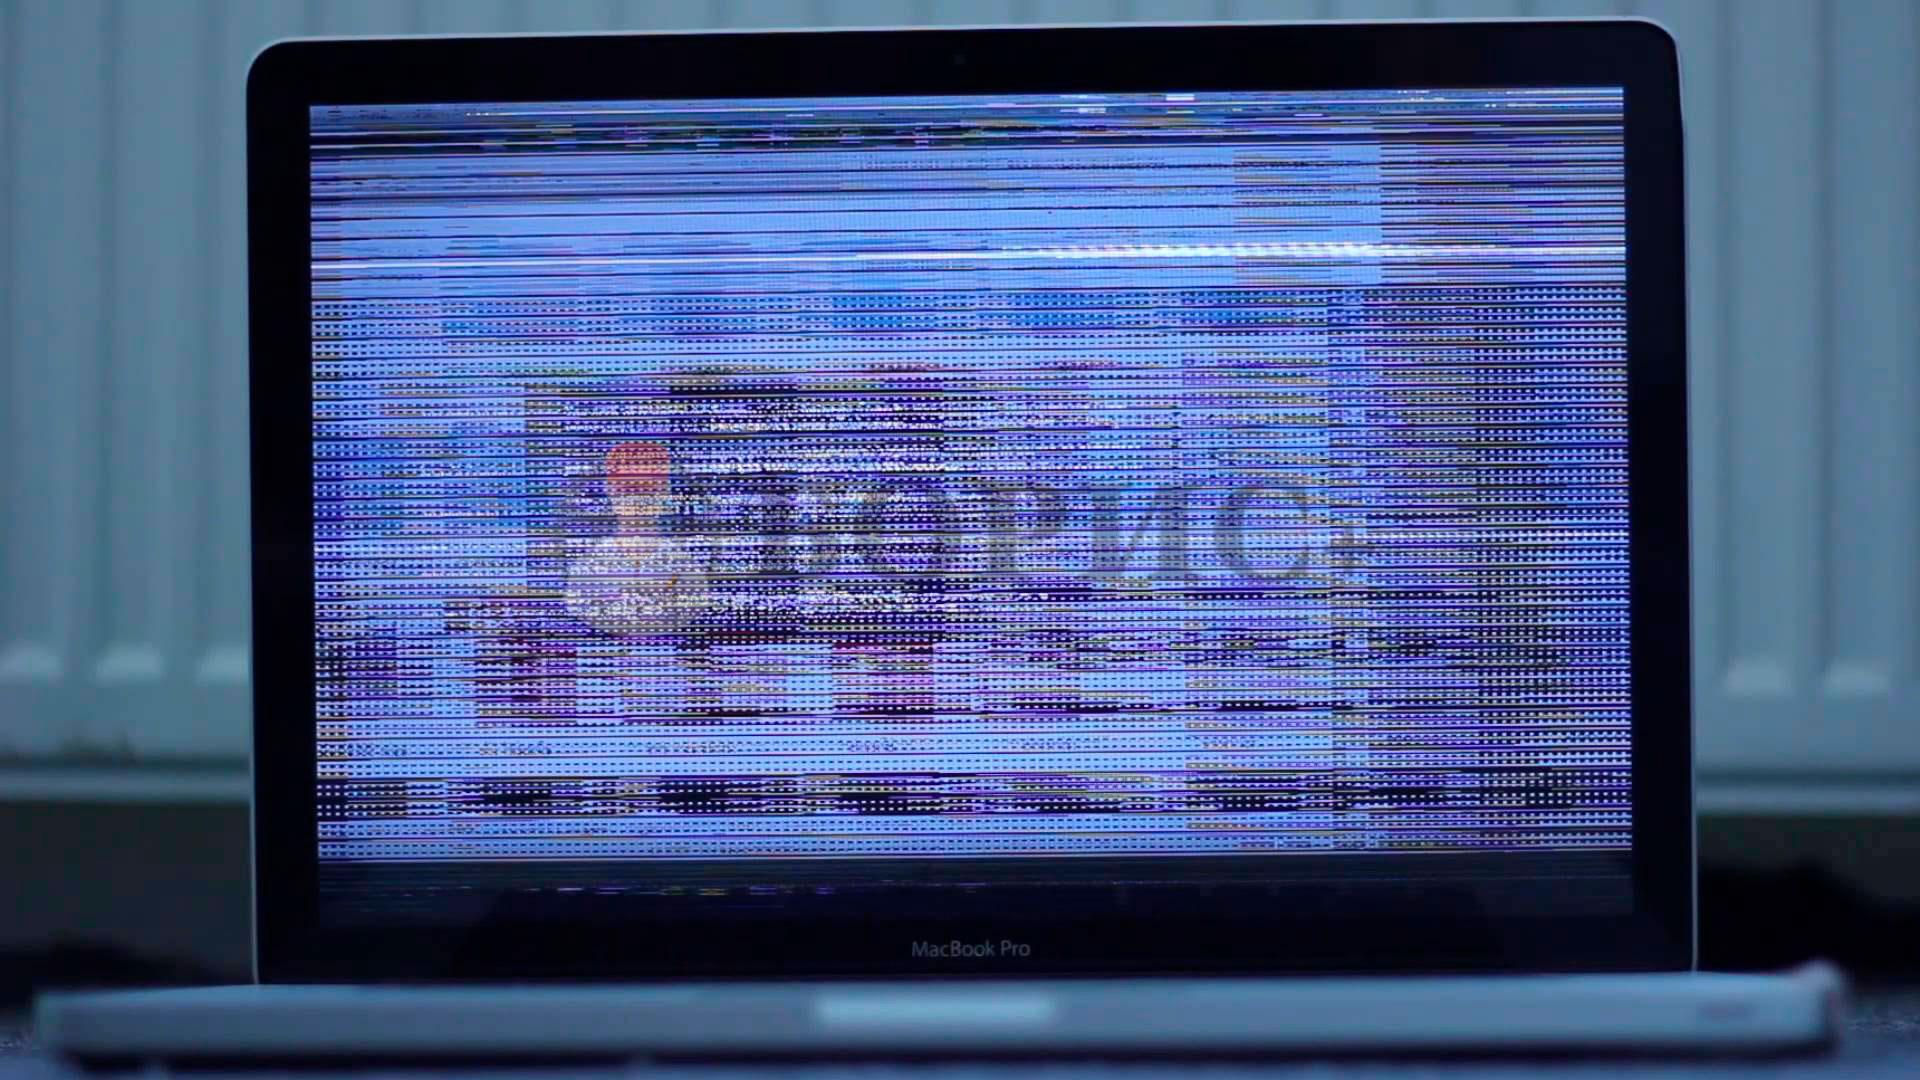 картинка на сайте в пол экрана небольшие круги